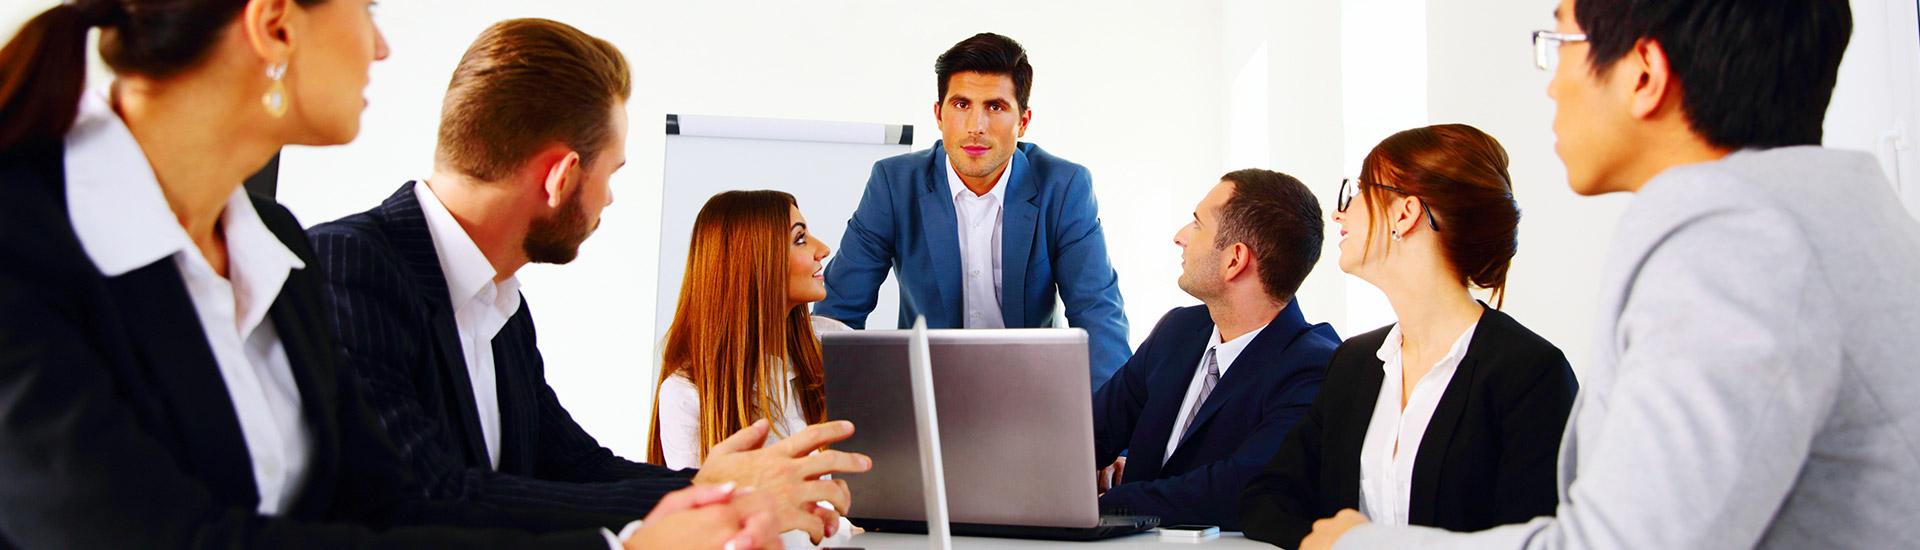 online entrepreneurship certificate programs